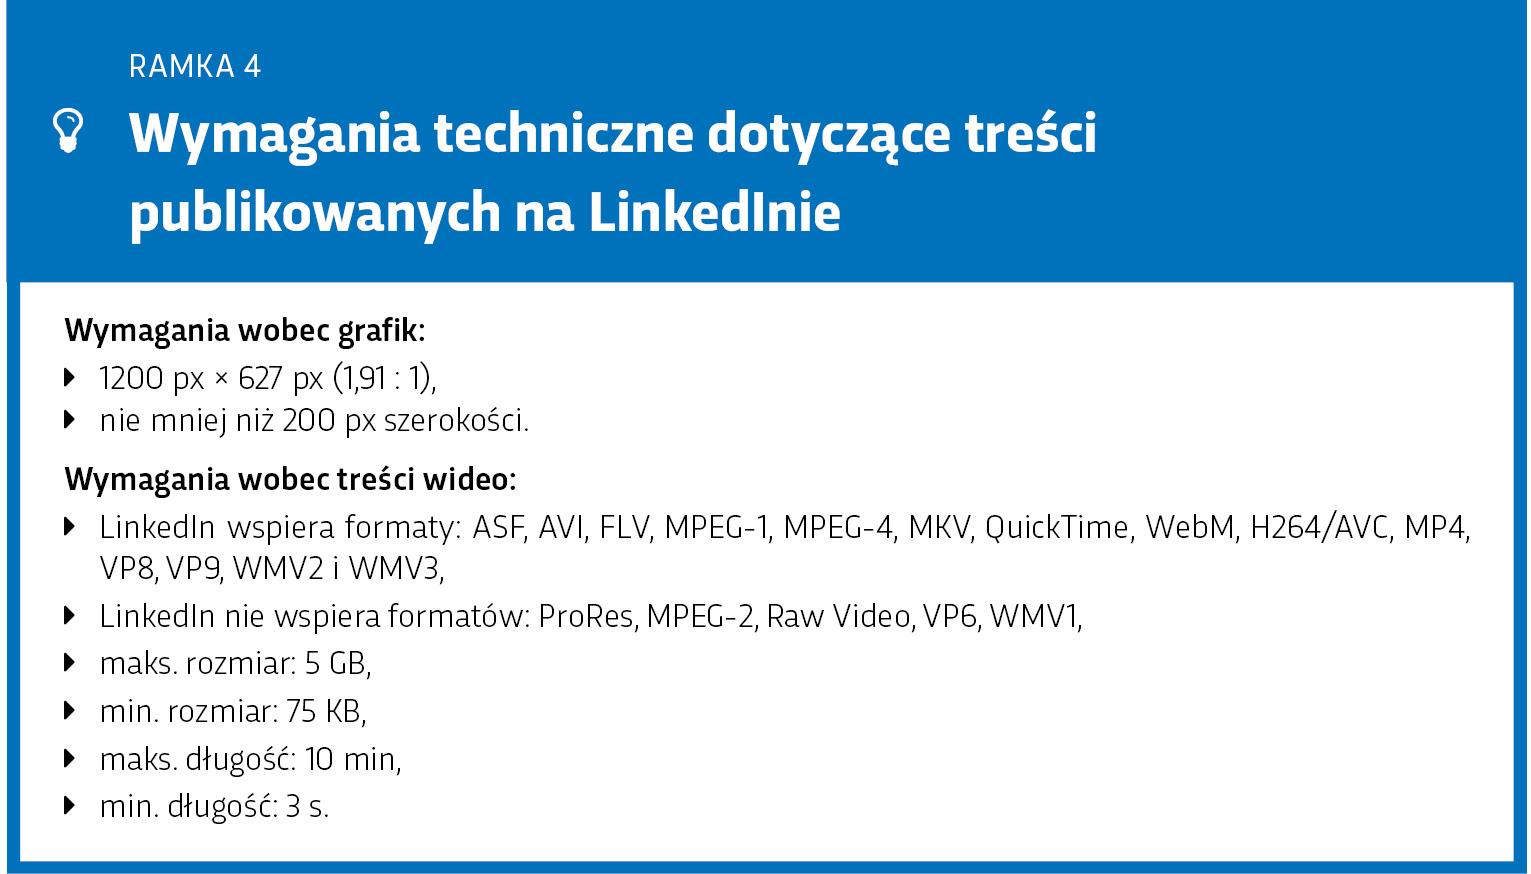 Wymagania techniczne publikacji treści na LinkedIn